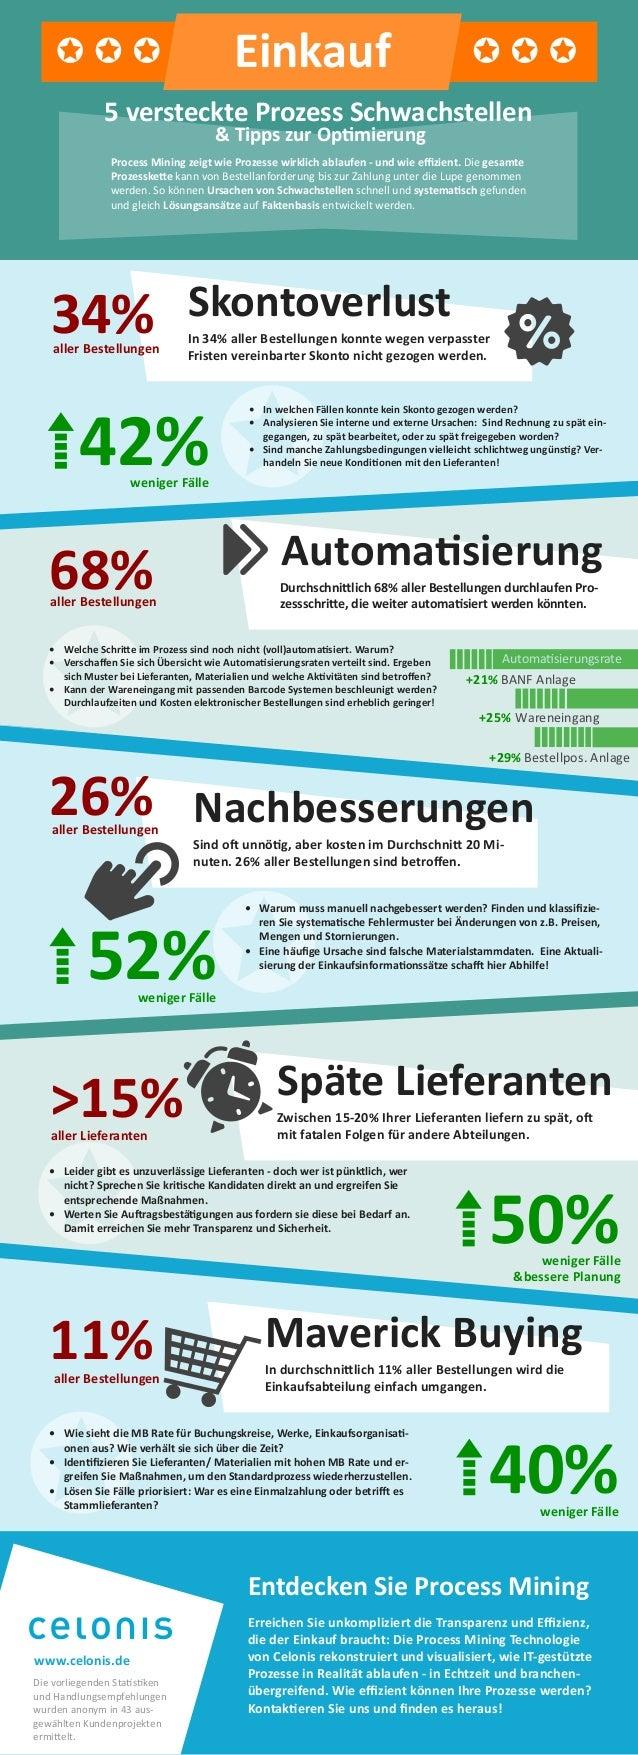 In 34% aller Bestellungen konnte wegen verpasster Fristen vereinbarter Skonto nicht gezogen werden. Skontoverlust34% 42%we...